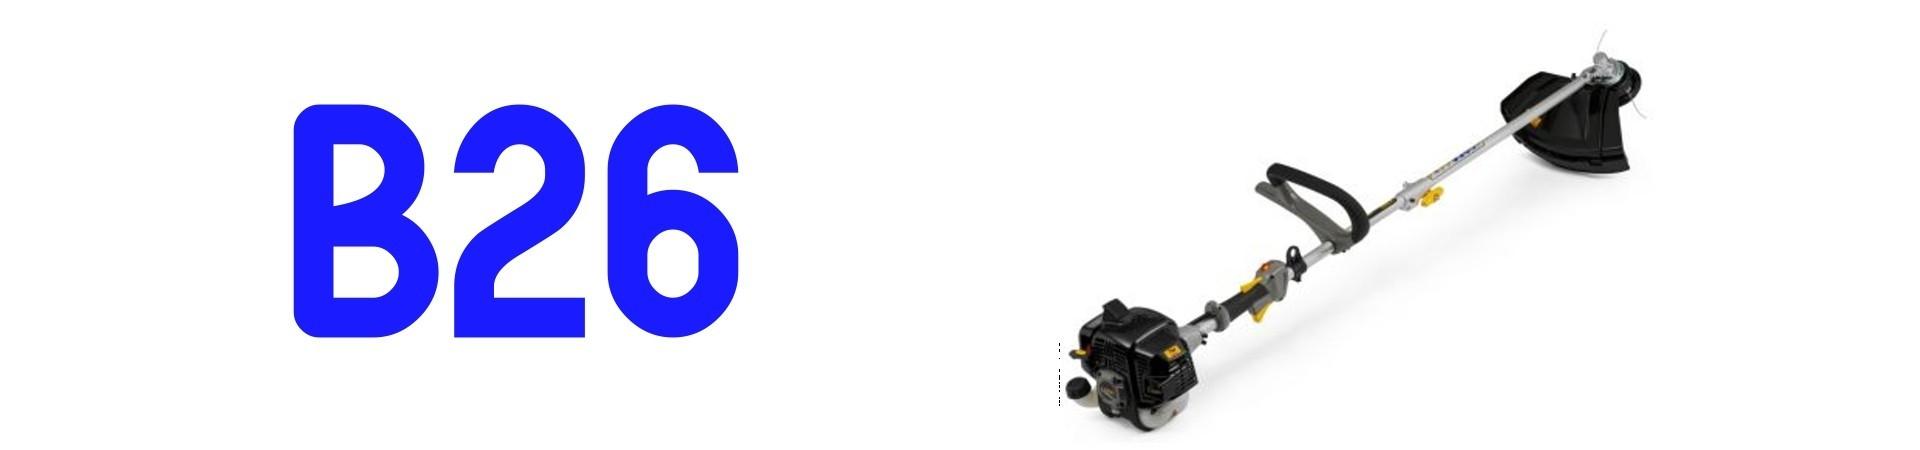 RECAMBIOS Desbrozadora Alpina B26 al Mejor PRECIO